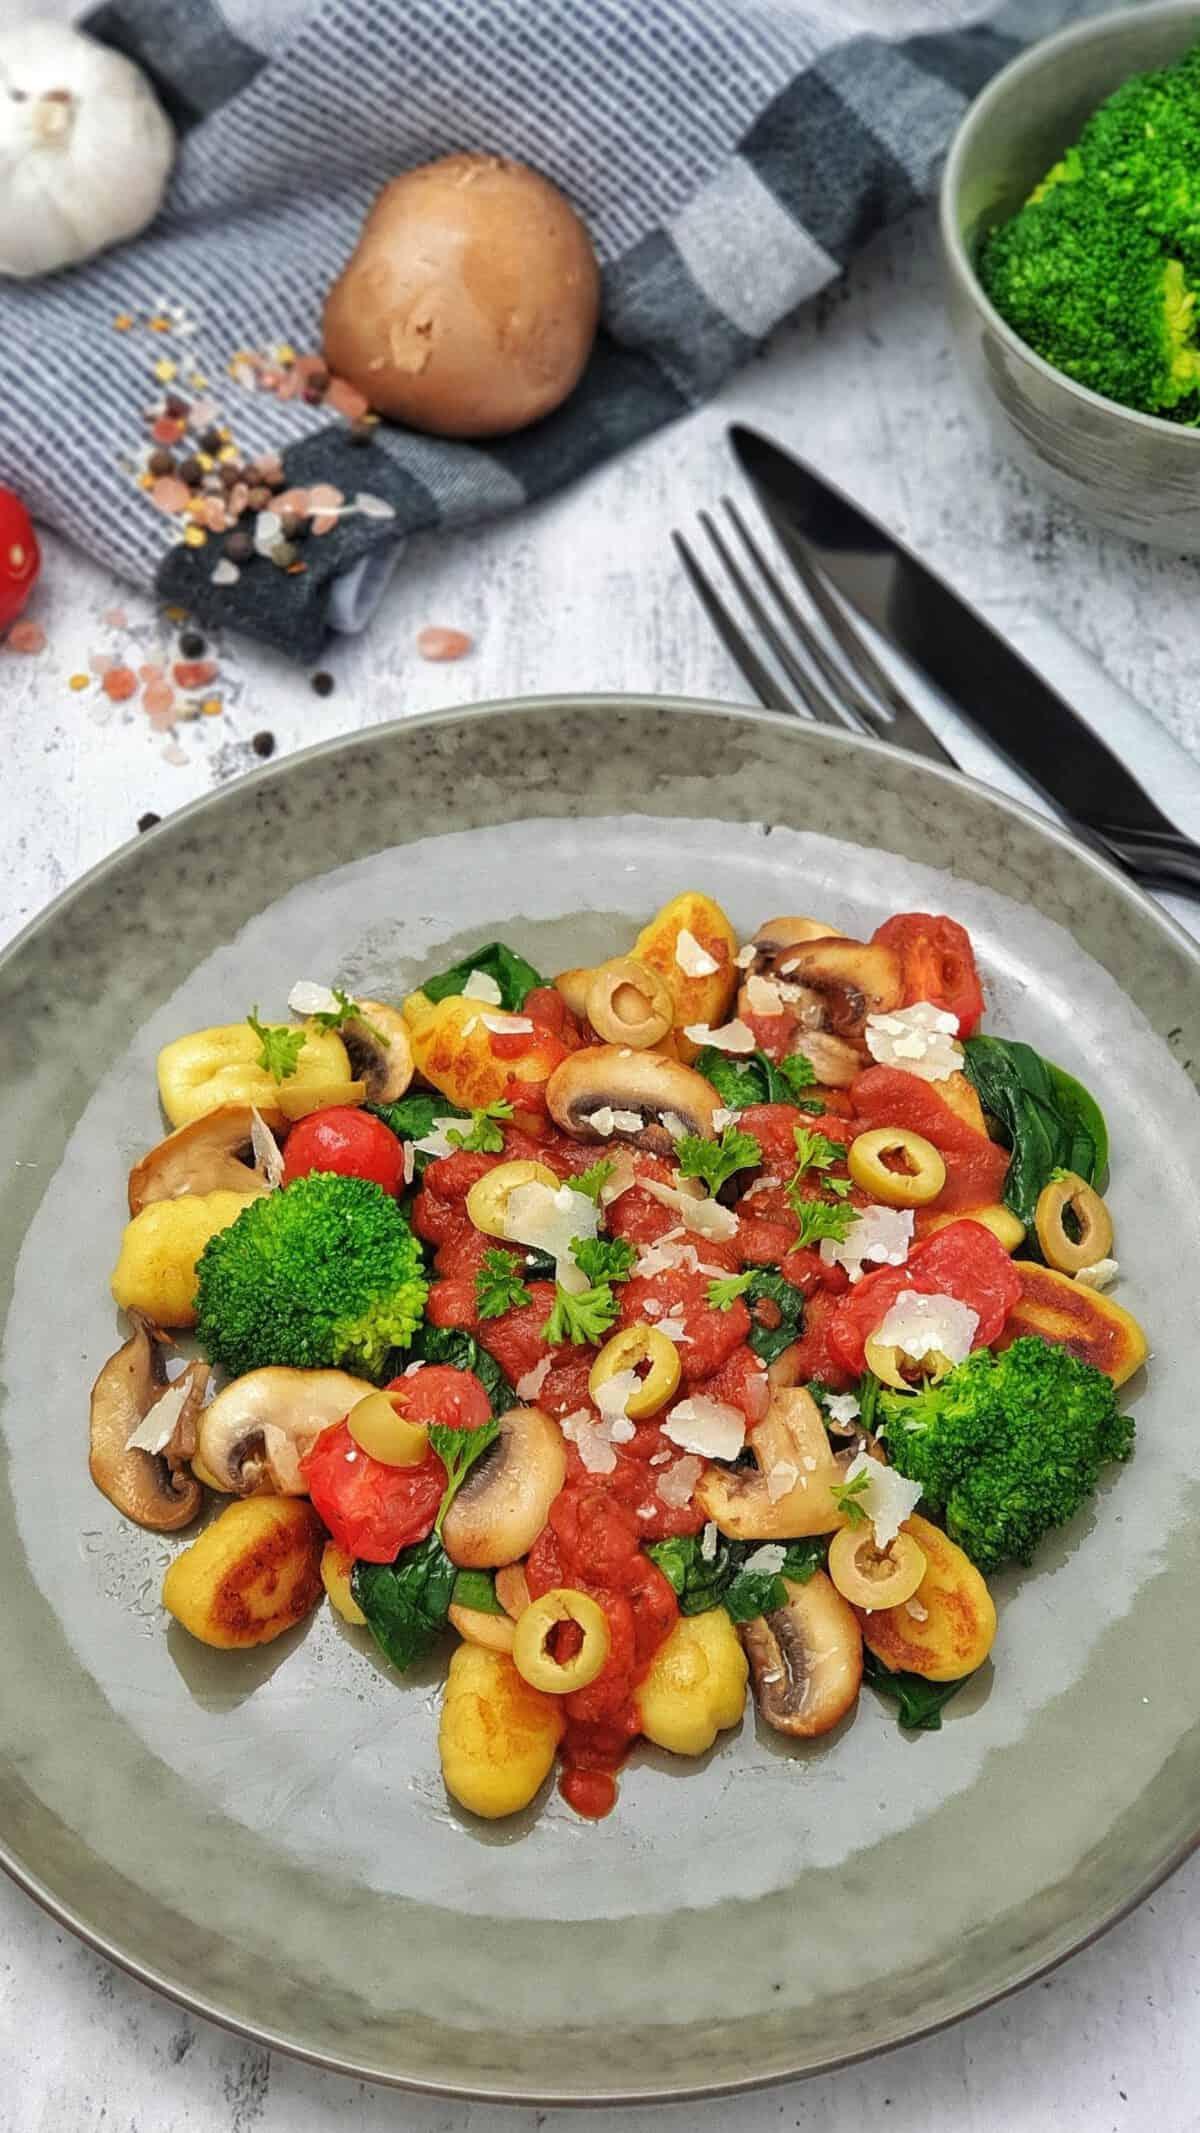 Gnocchi mit Tomatensoße und Gemüse auf einem grünen Teller angerichtet.